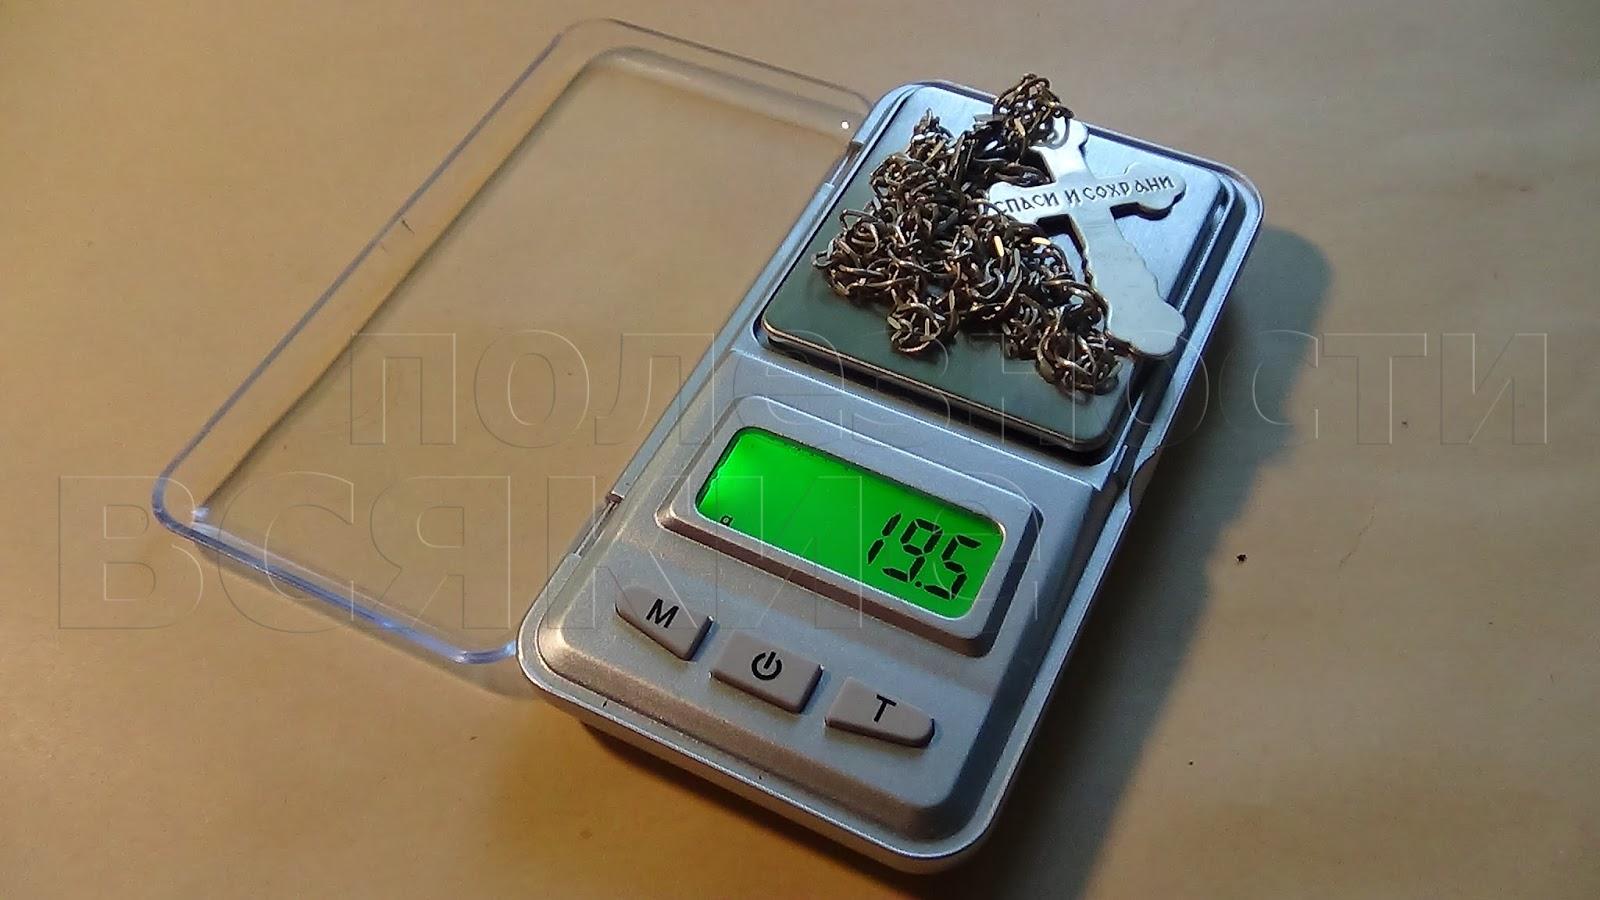 взвешать серебро можно на этих карманных весах